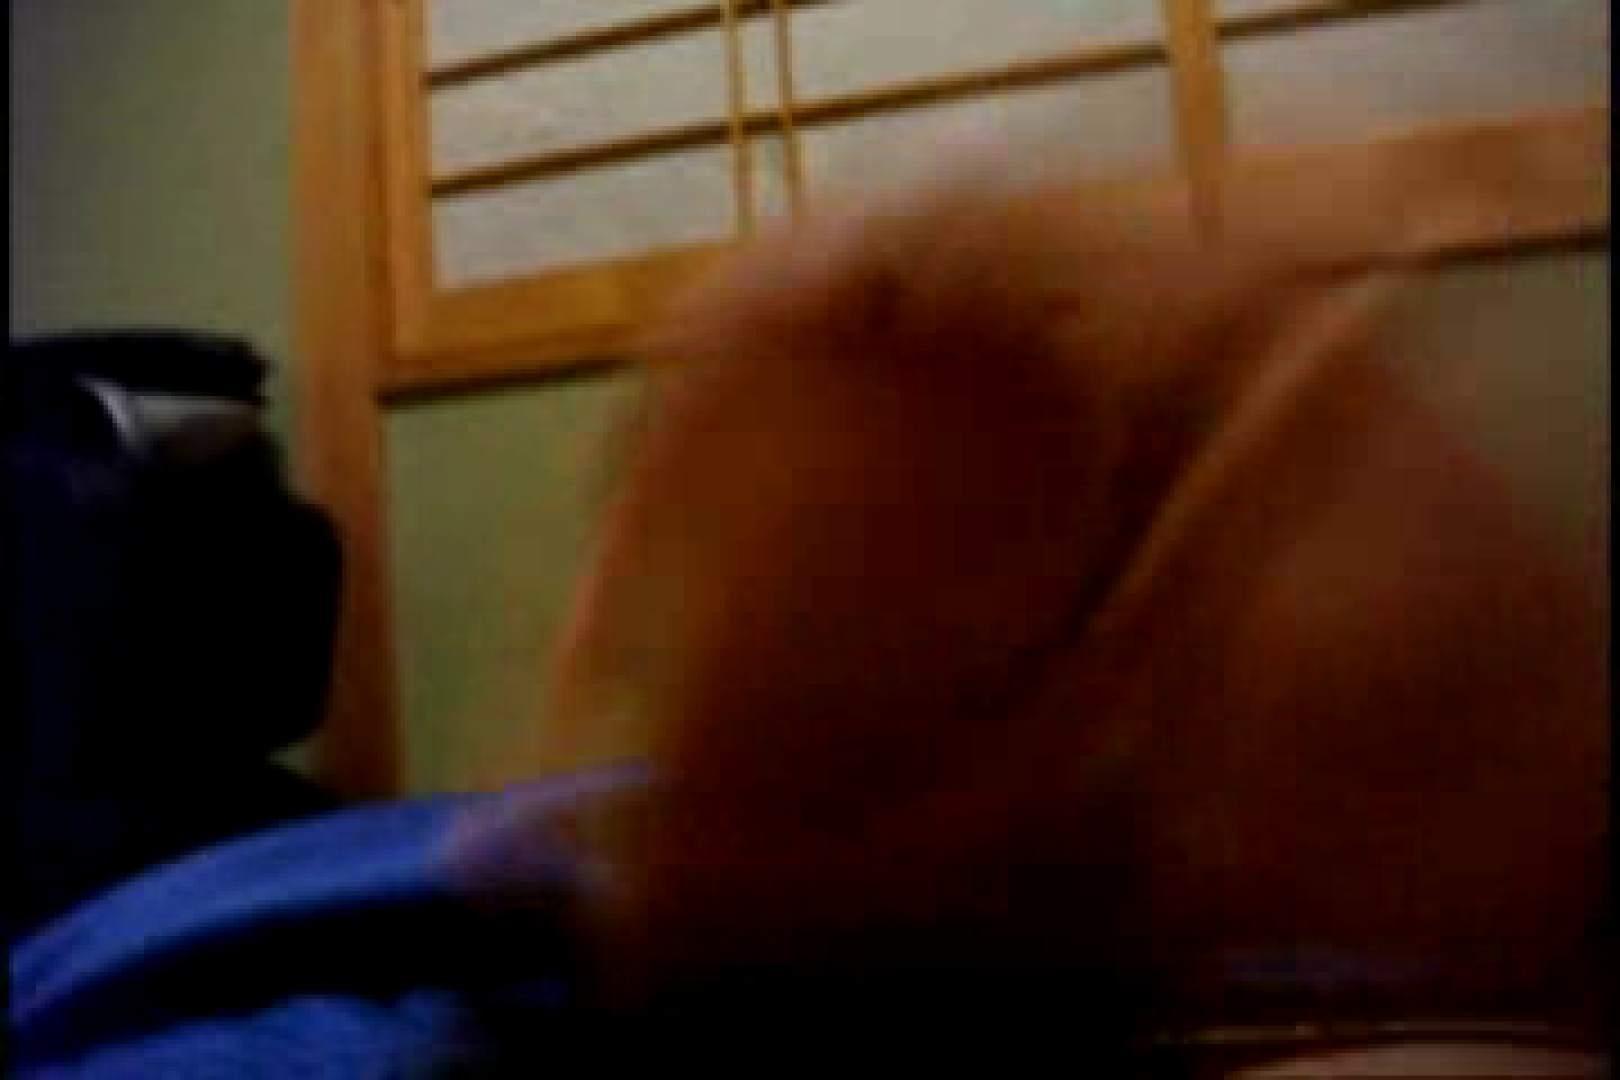 オナ好きノンケテニス部員の自画撮り投稿vol.02 射精 GAY無修正エロ動画 76枚 47